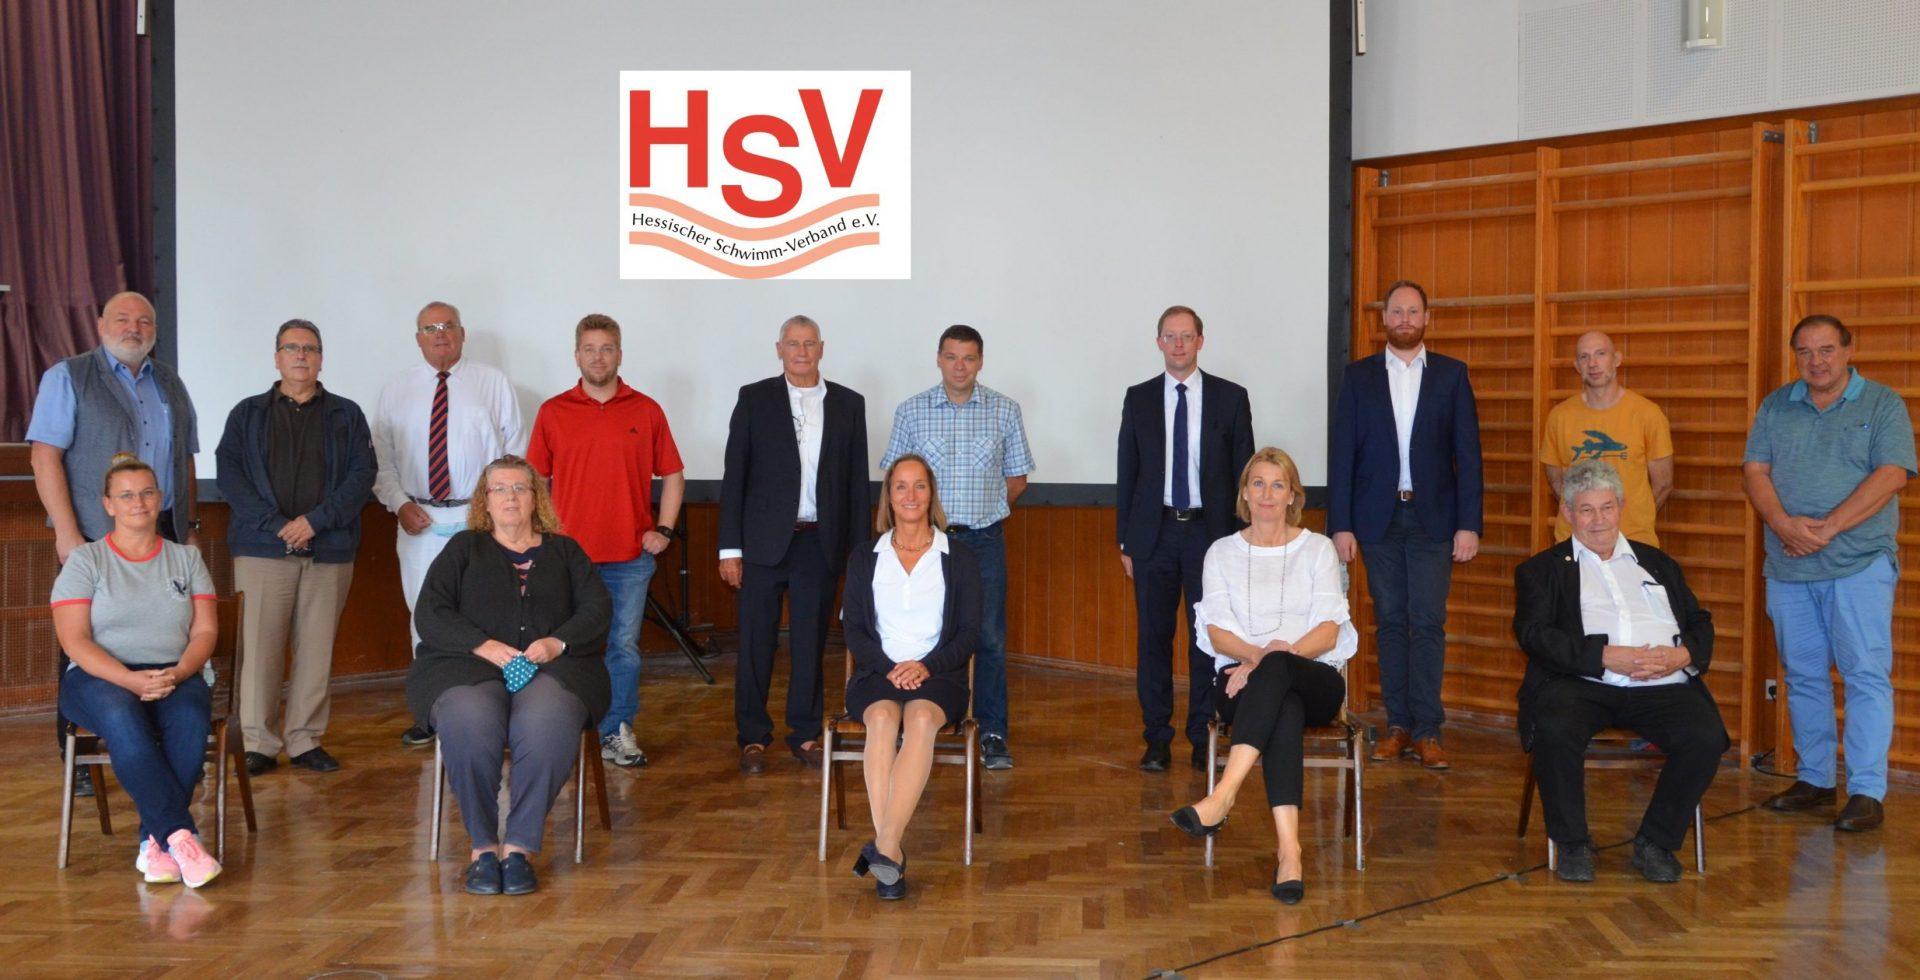 Foto: HSV-GS